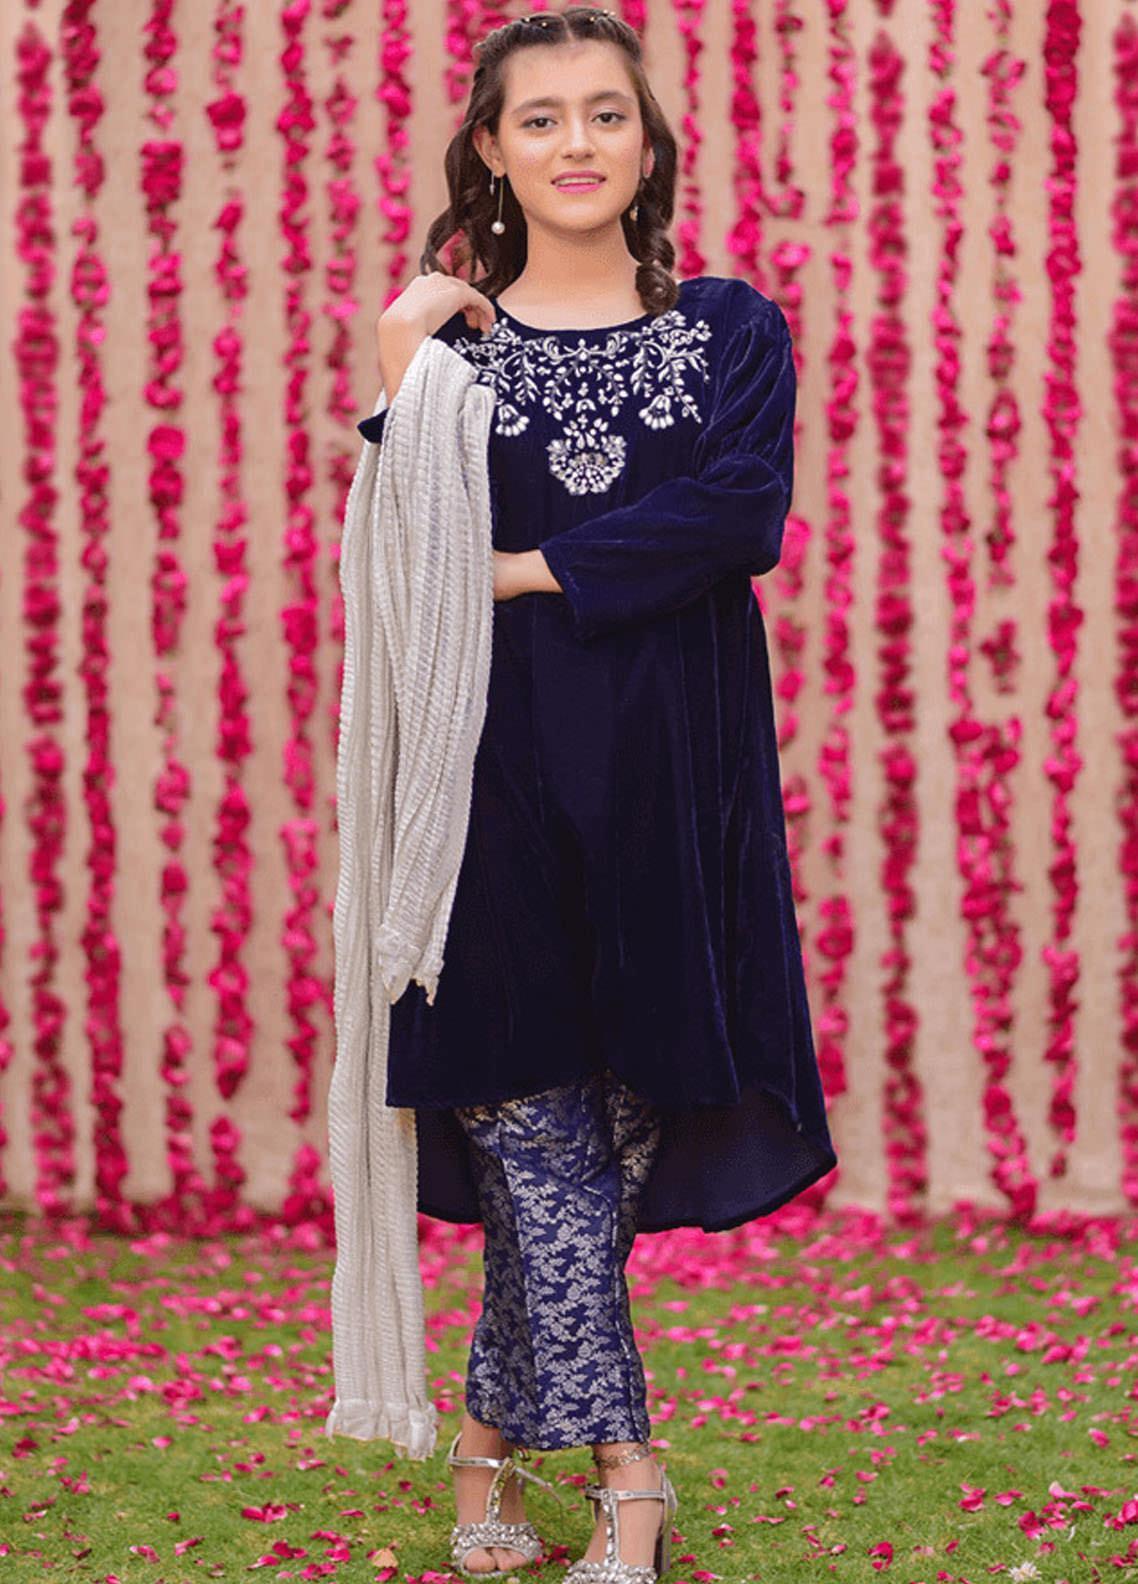 Ochre Velvet Fancy 3 Piece Suits for Girls - OVF-15 NAVY